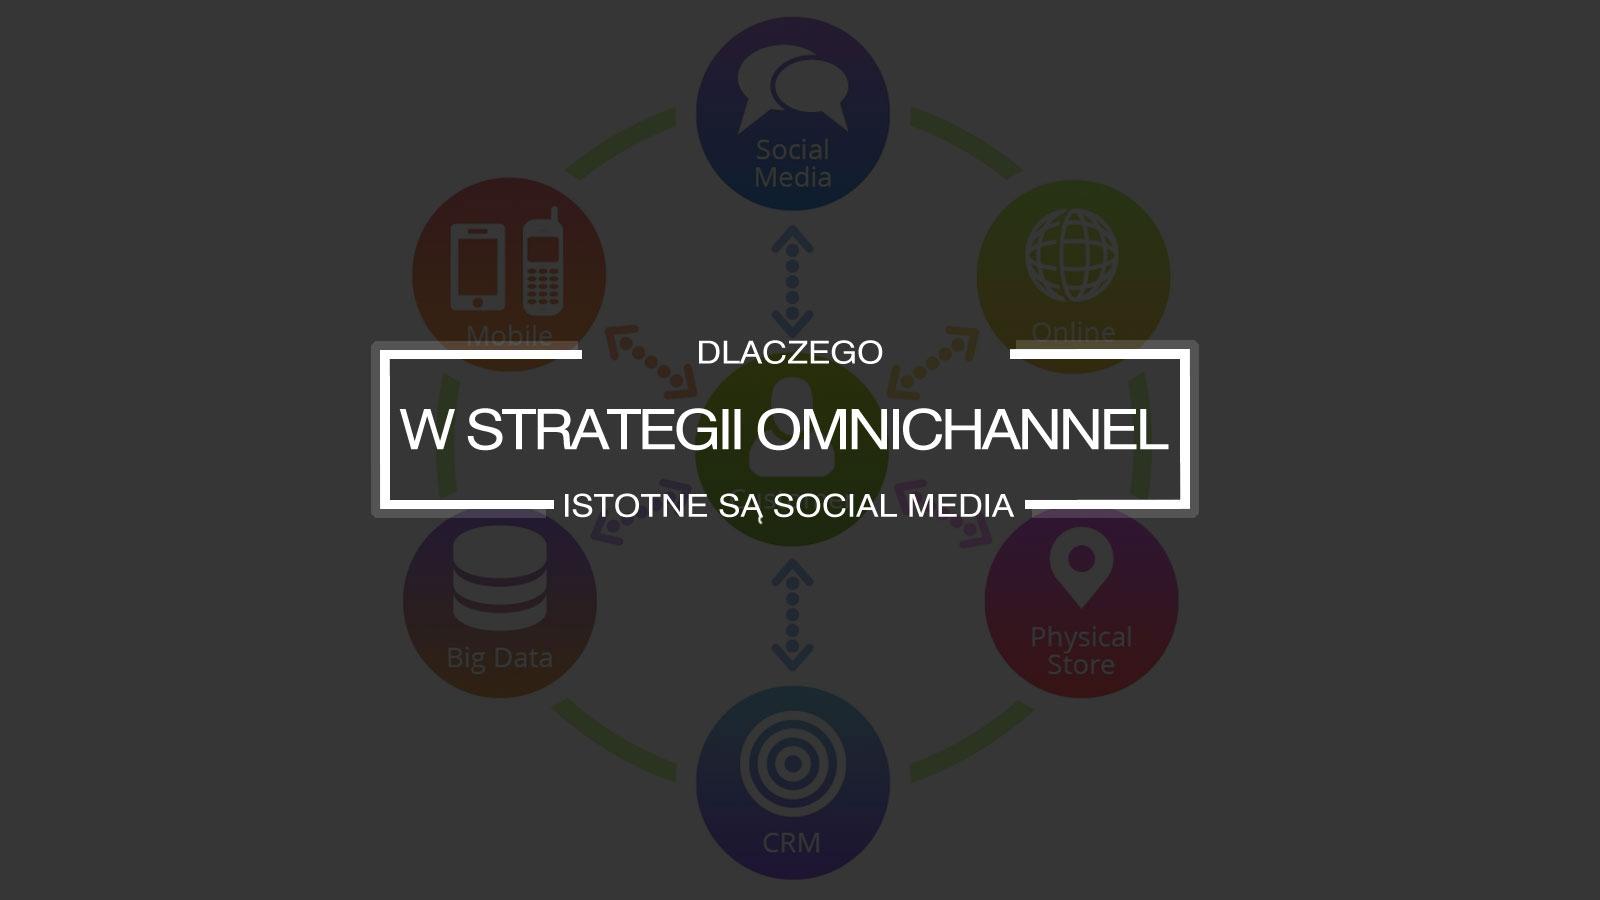 Wykorzystanie mediów społecznościowych w budowaniu strategii omnichannel